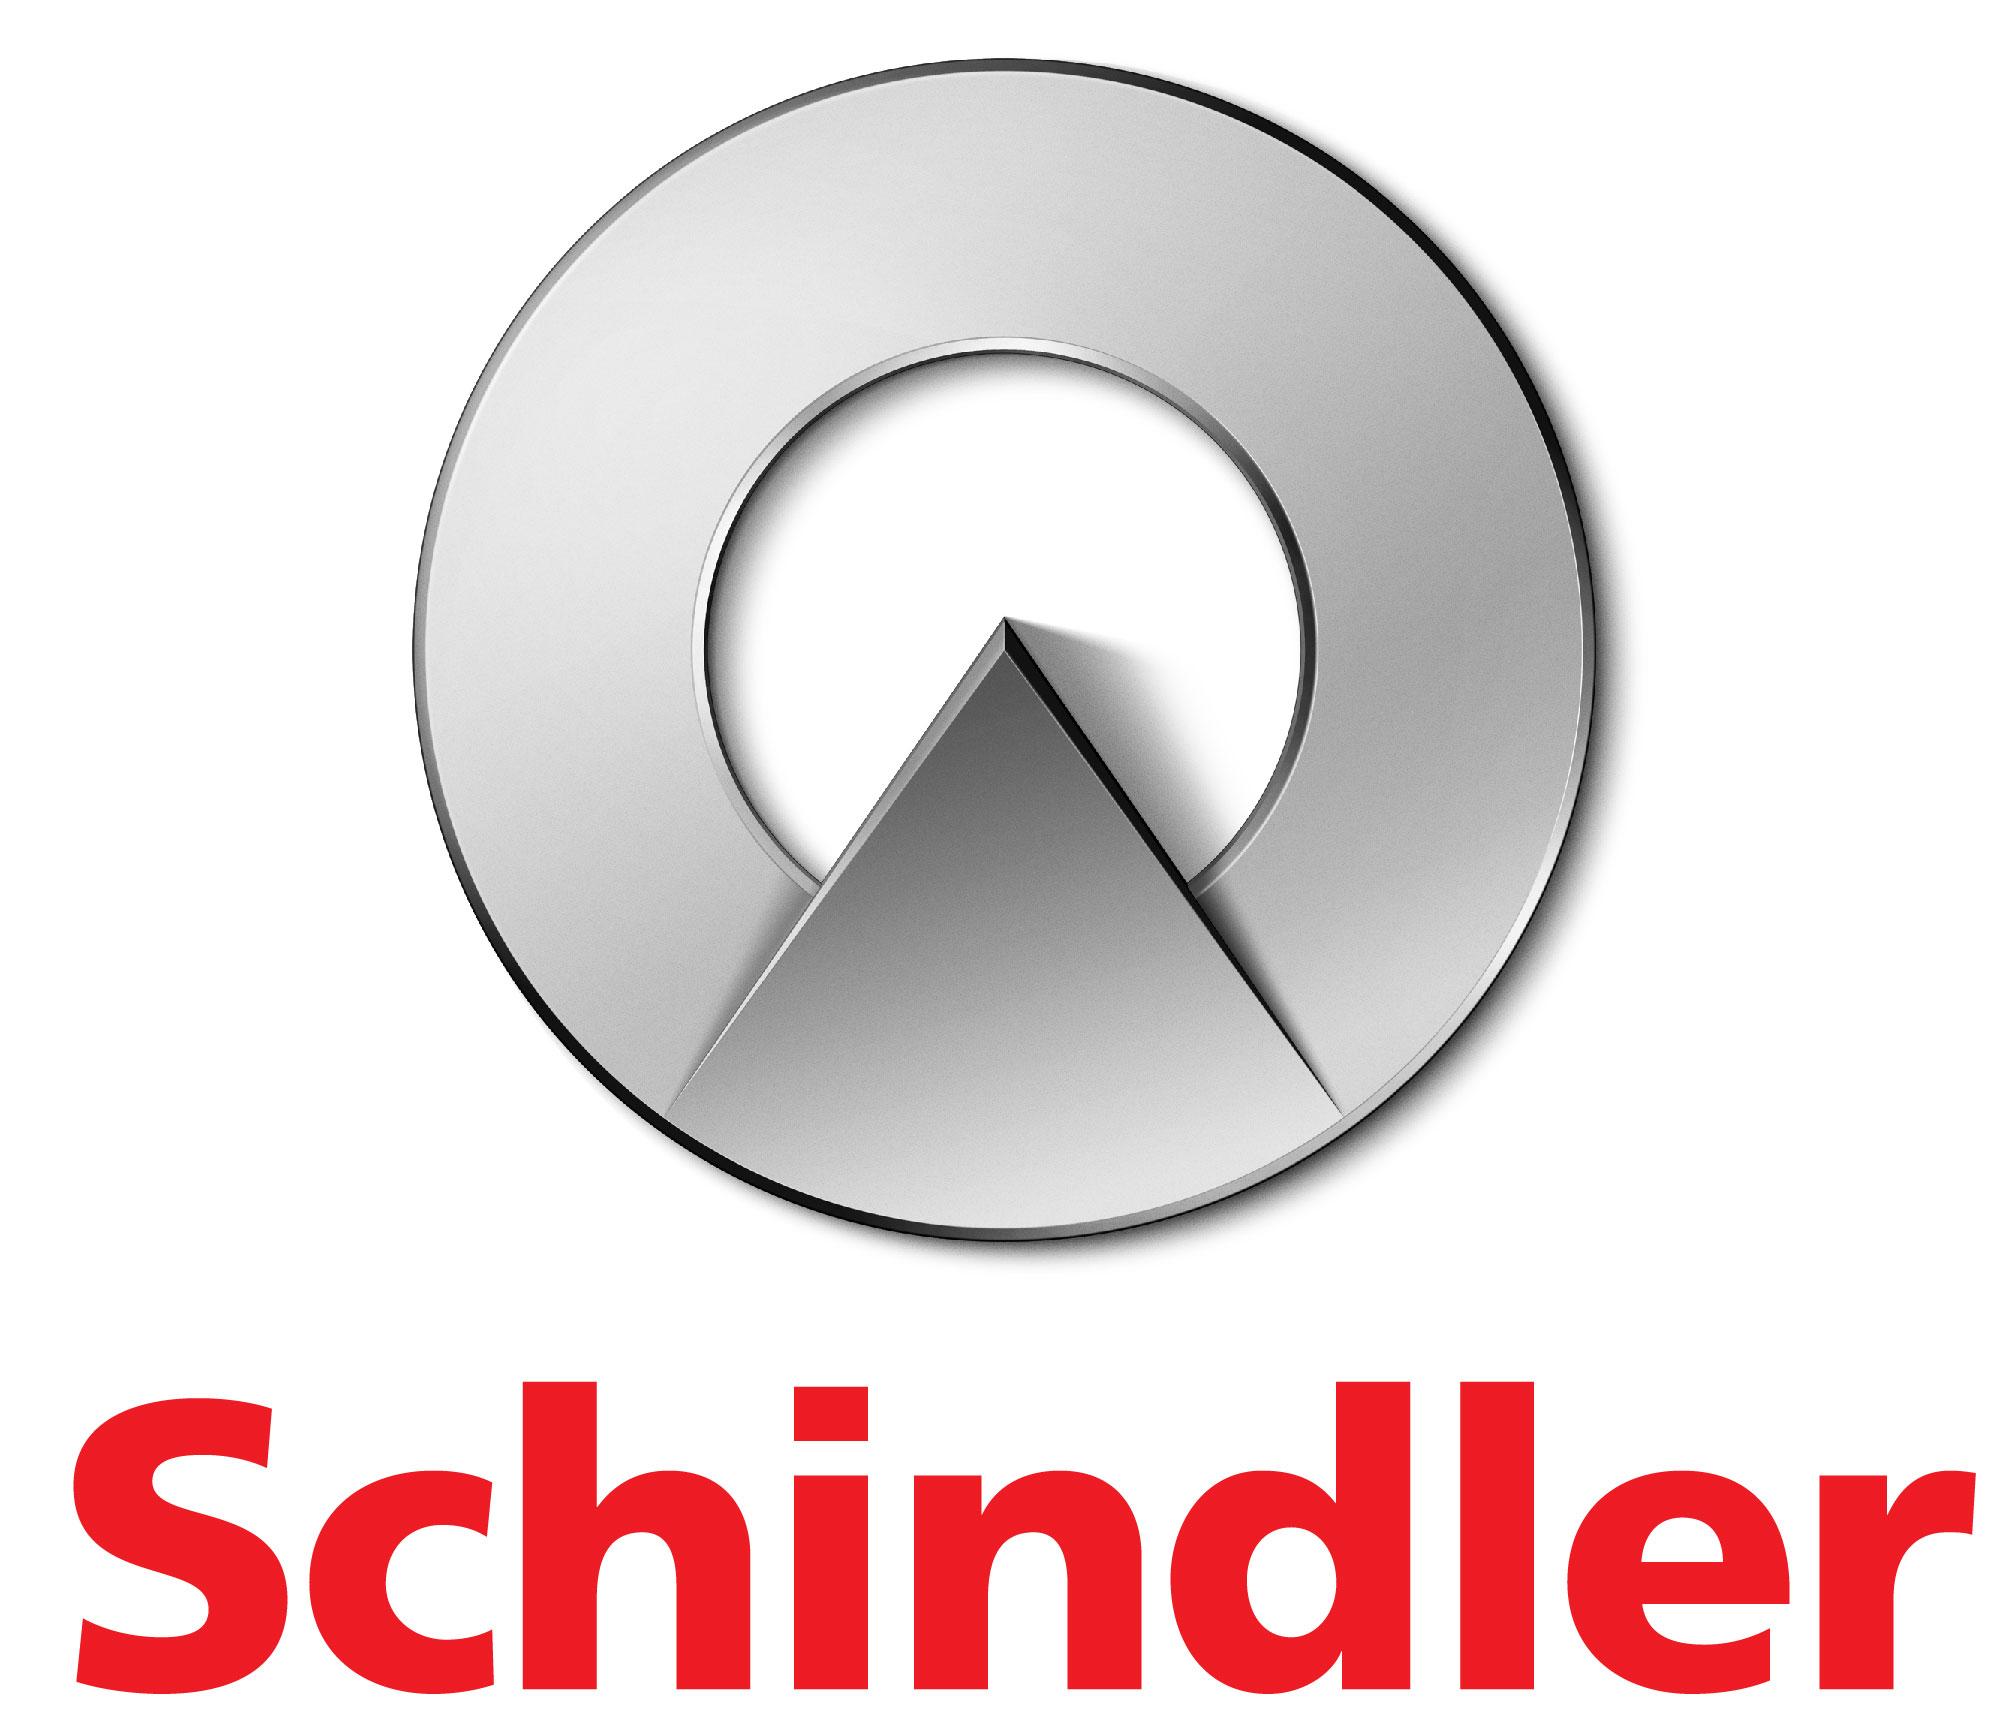 shindler.jpg